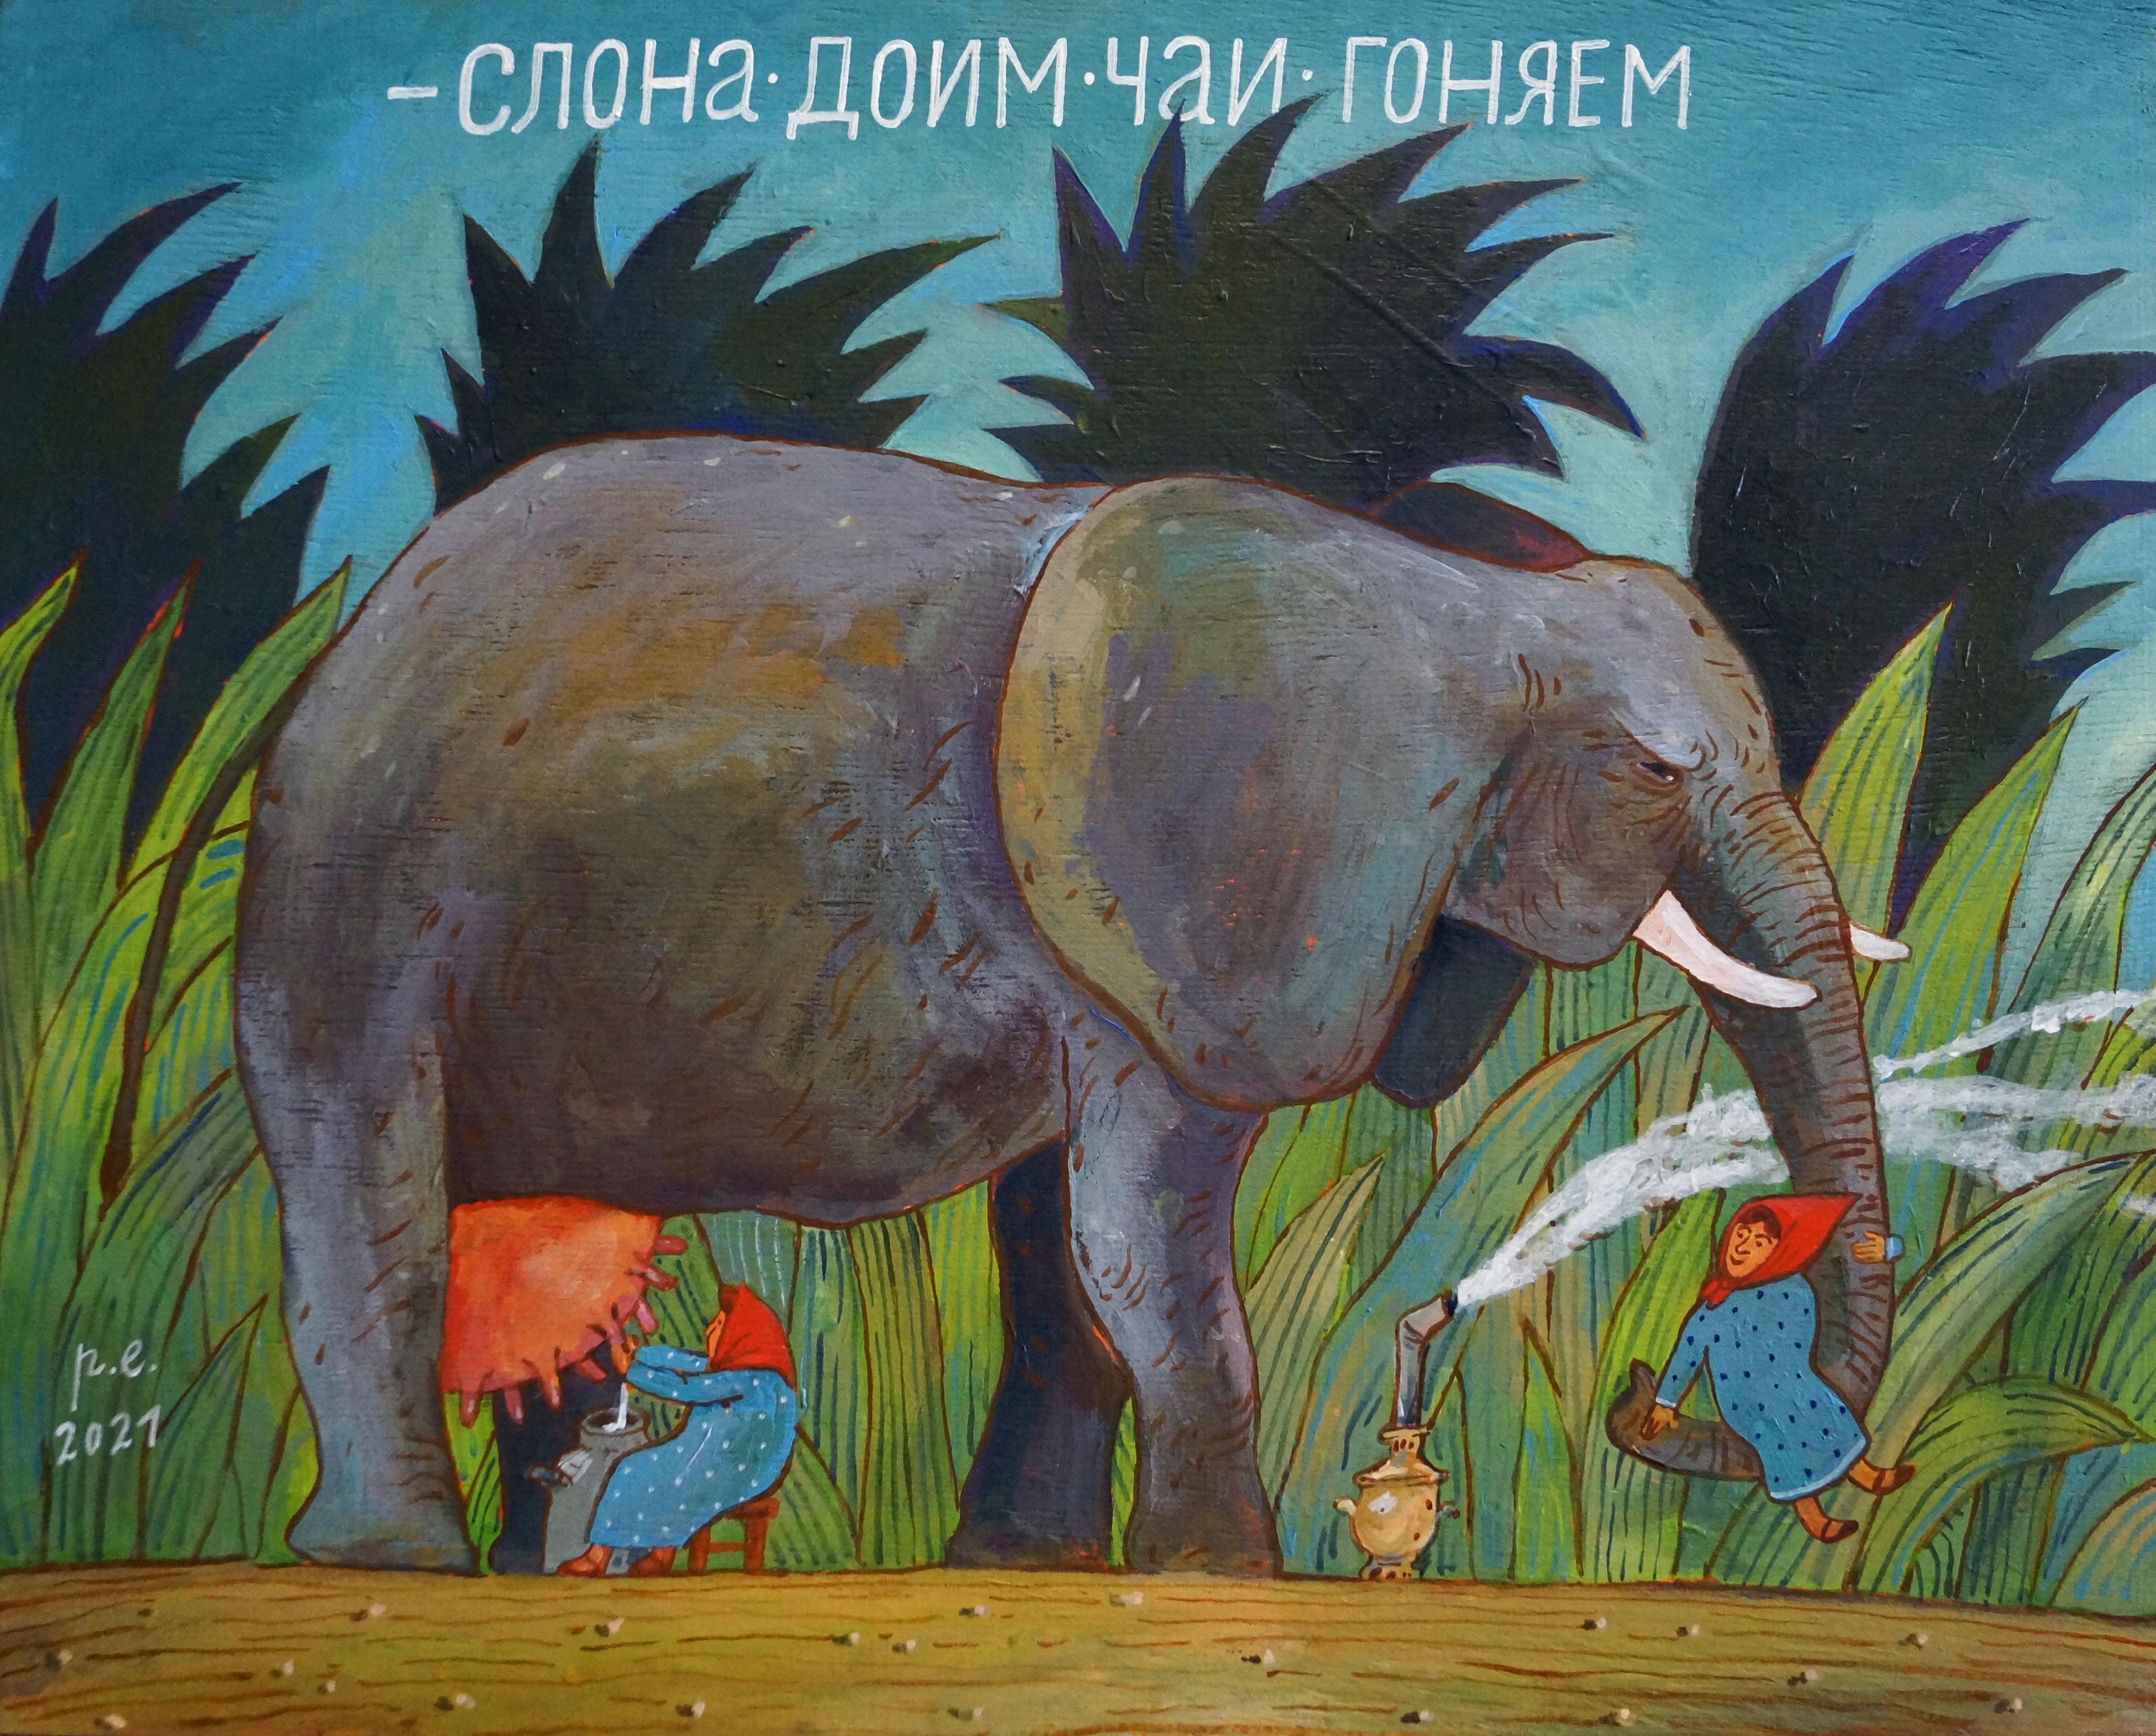 Слона доим, чаи гоняем